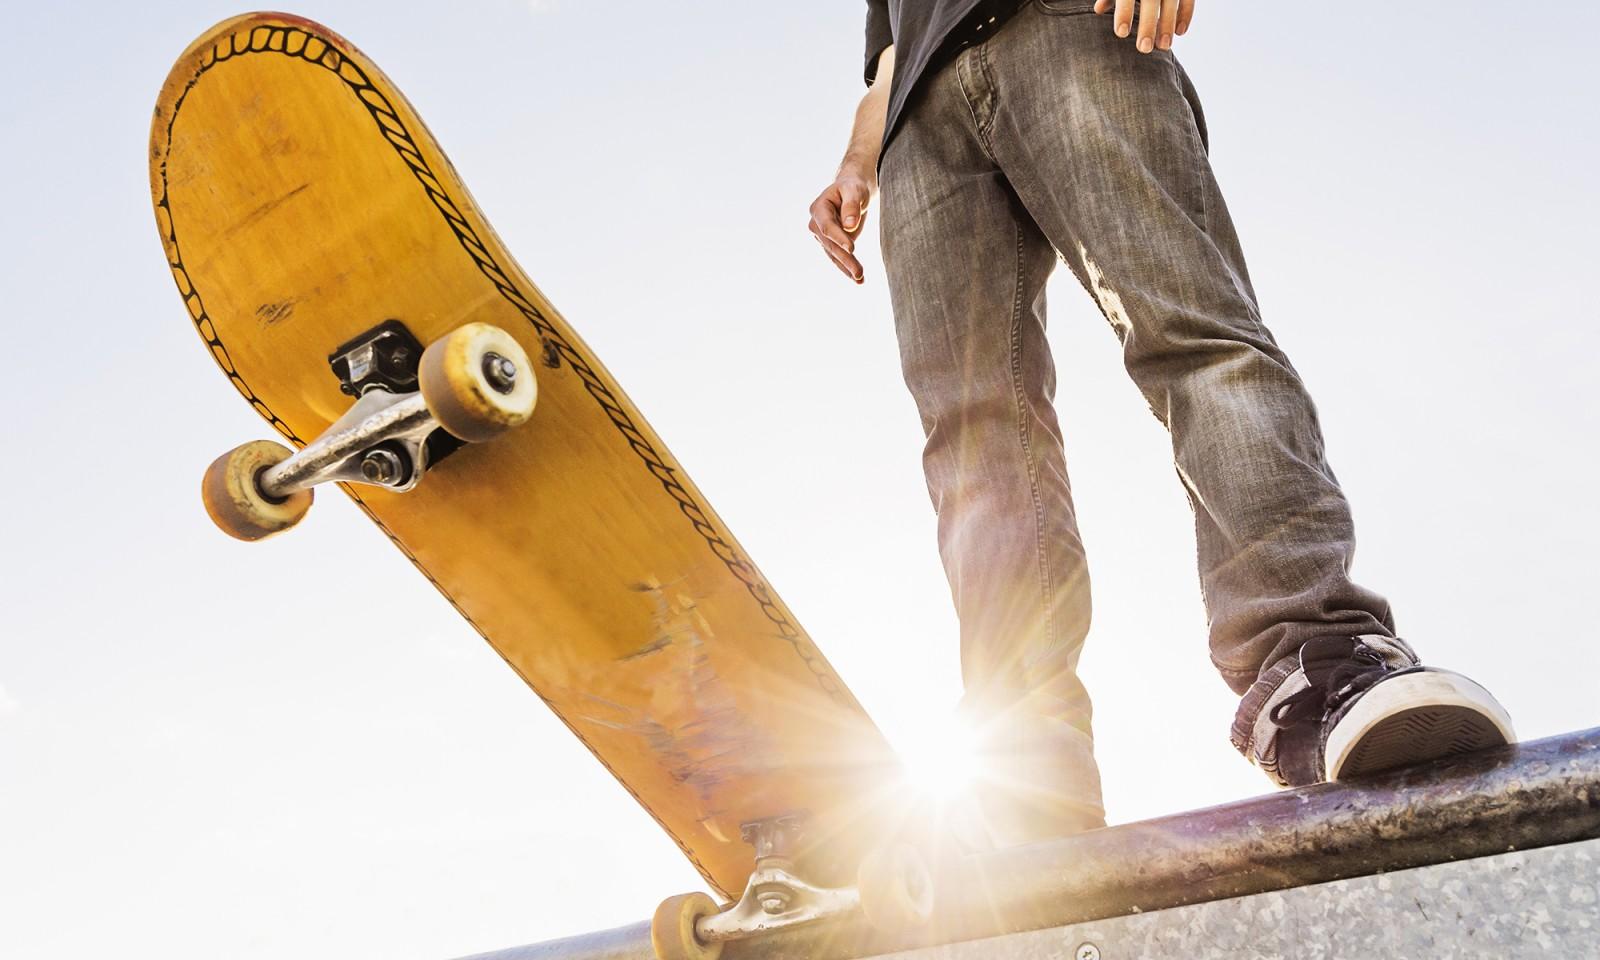 Trượt ván ở đâu không bị cấm, câu hỏi khó nhưng dễ trả lời